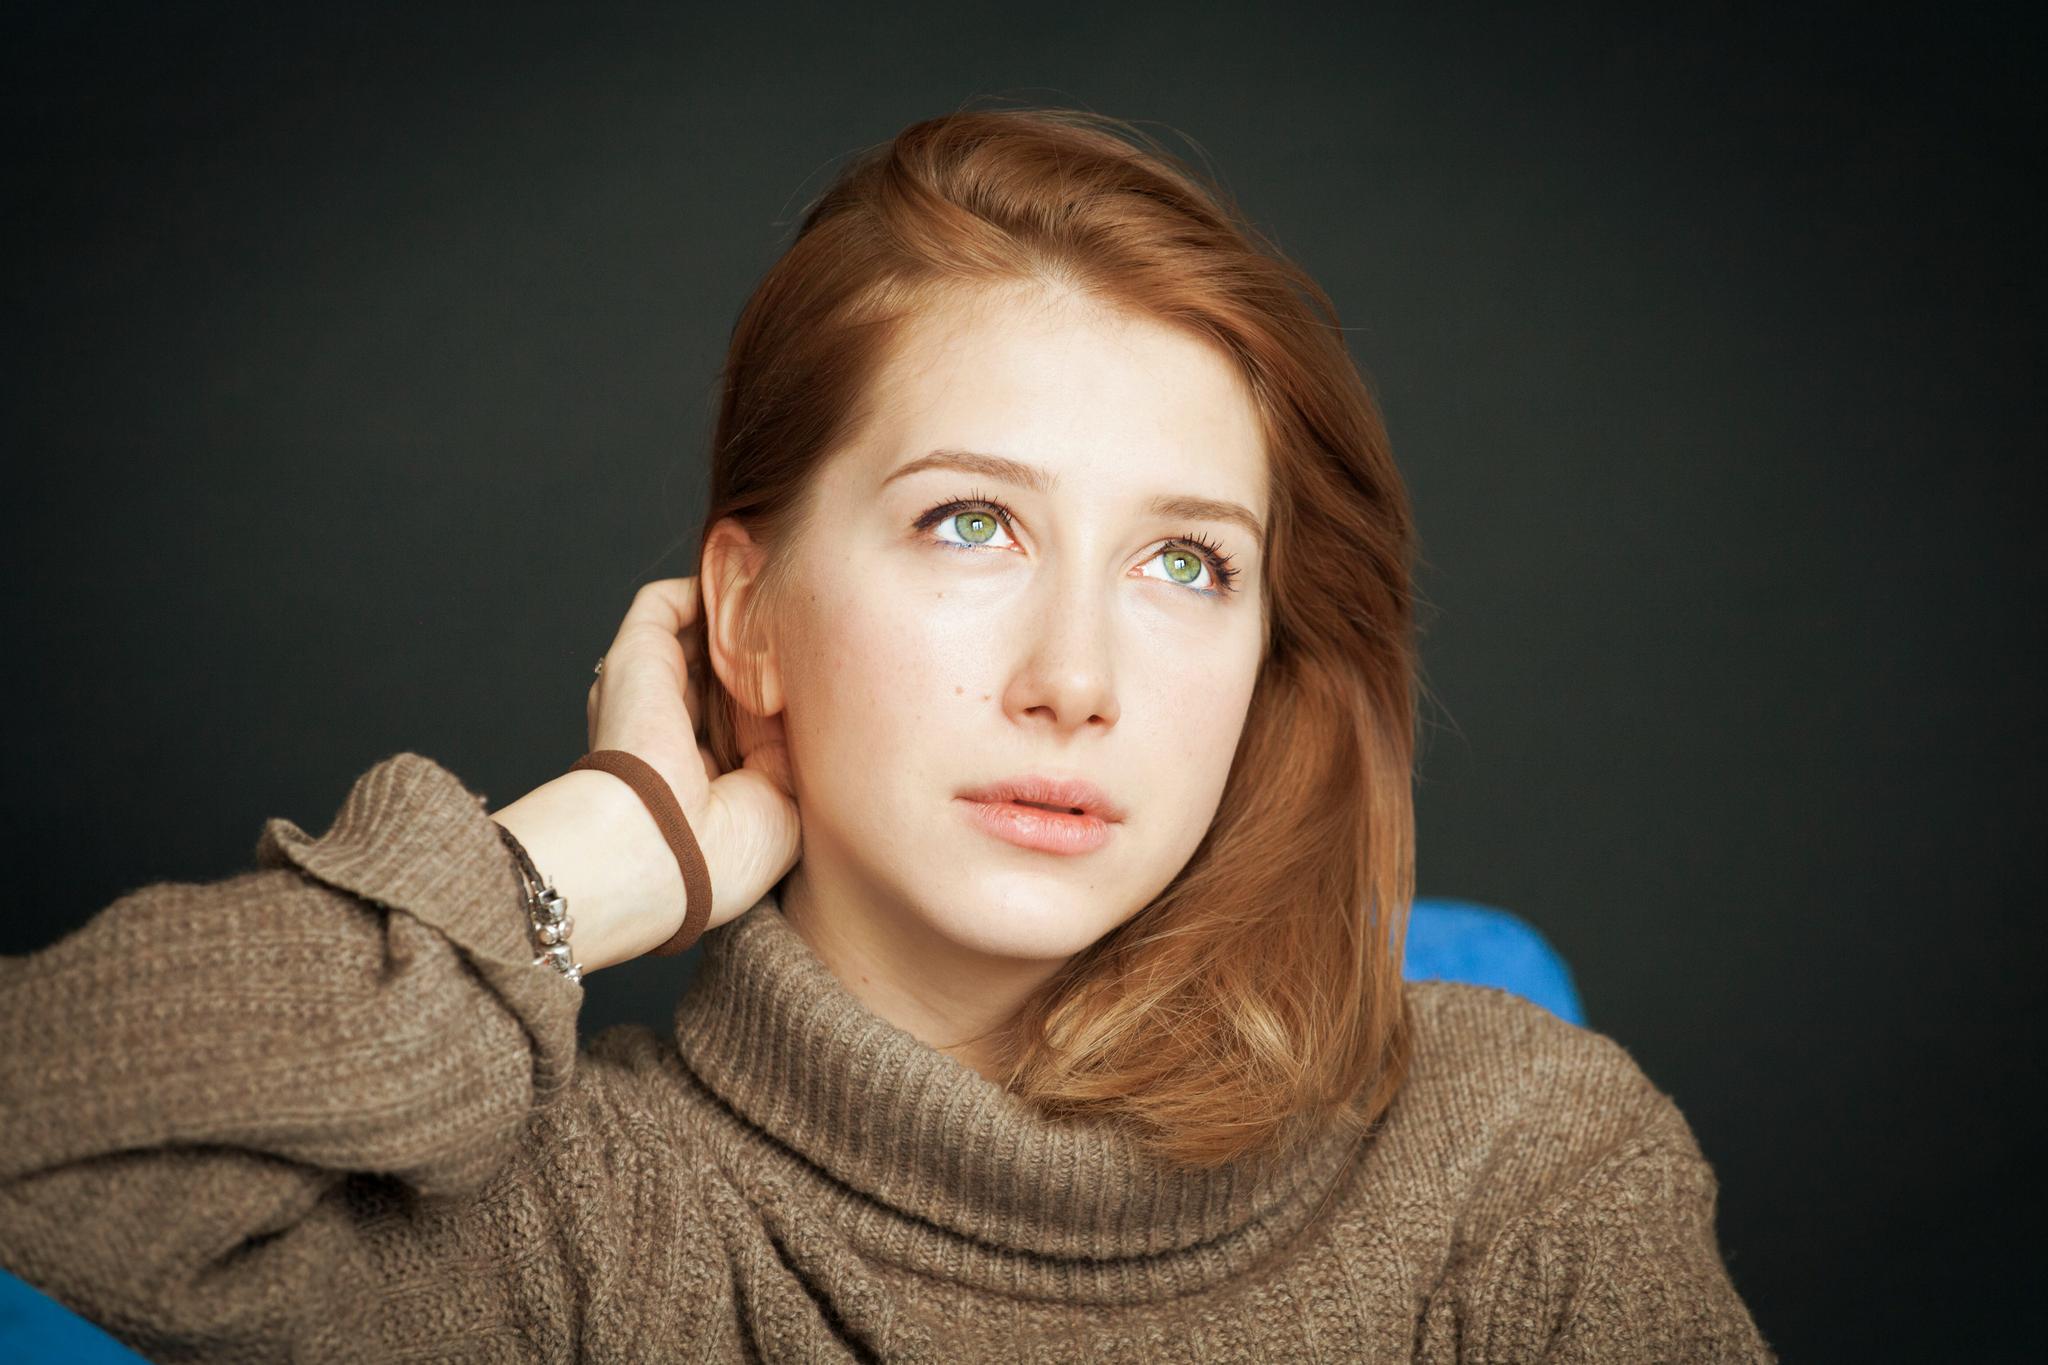 Стася Ровинская назвала дату премьеры «Опера по вызову» фотографией себя в старости